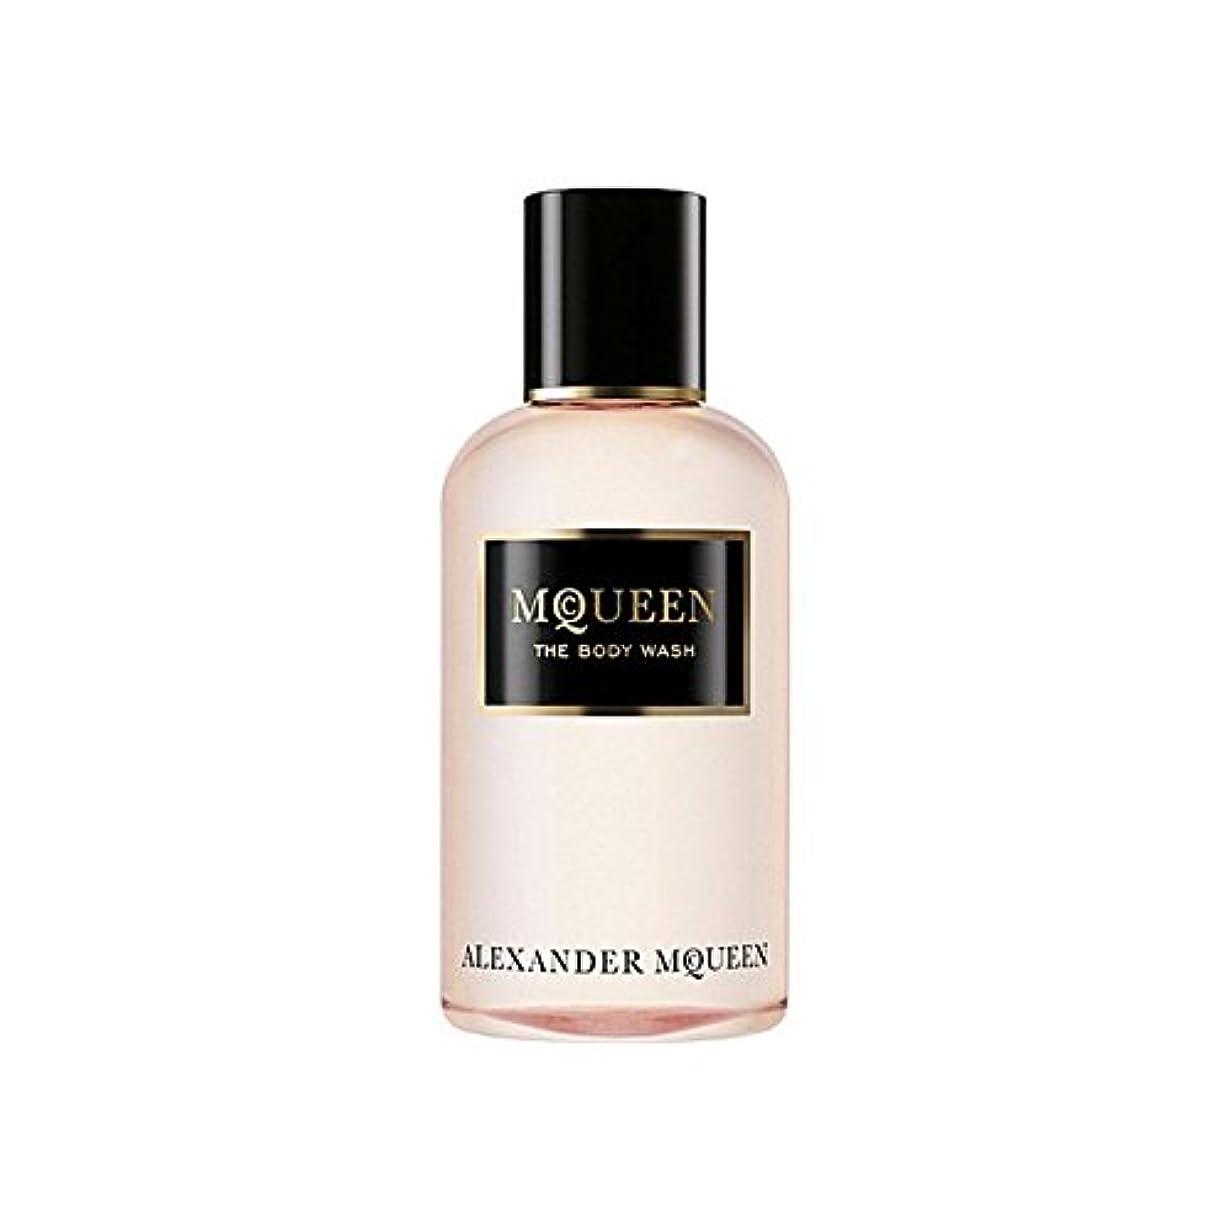 村単に幸福Alexander McQueen Amq Mcqueen Eau De Parfum Shower Gel 250ml - アレキサンダーマックイーンマックイーンオードパルファムシャワージェル250ミリリットル [並行輸入品]